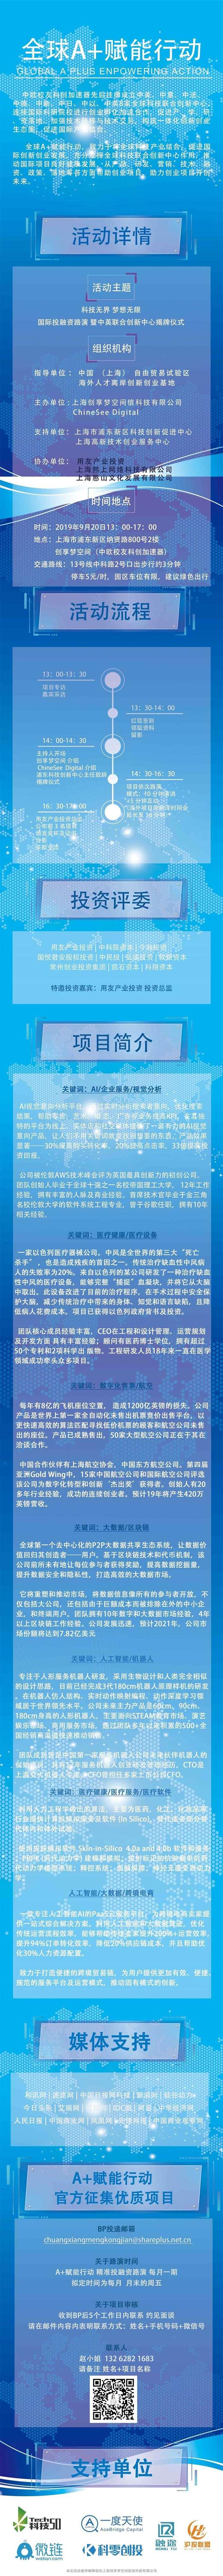 彩神8app大发快3下载宣传长途.jpg